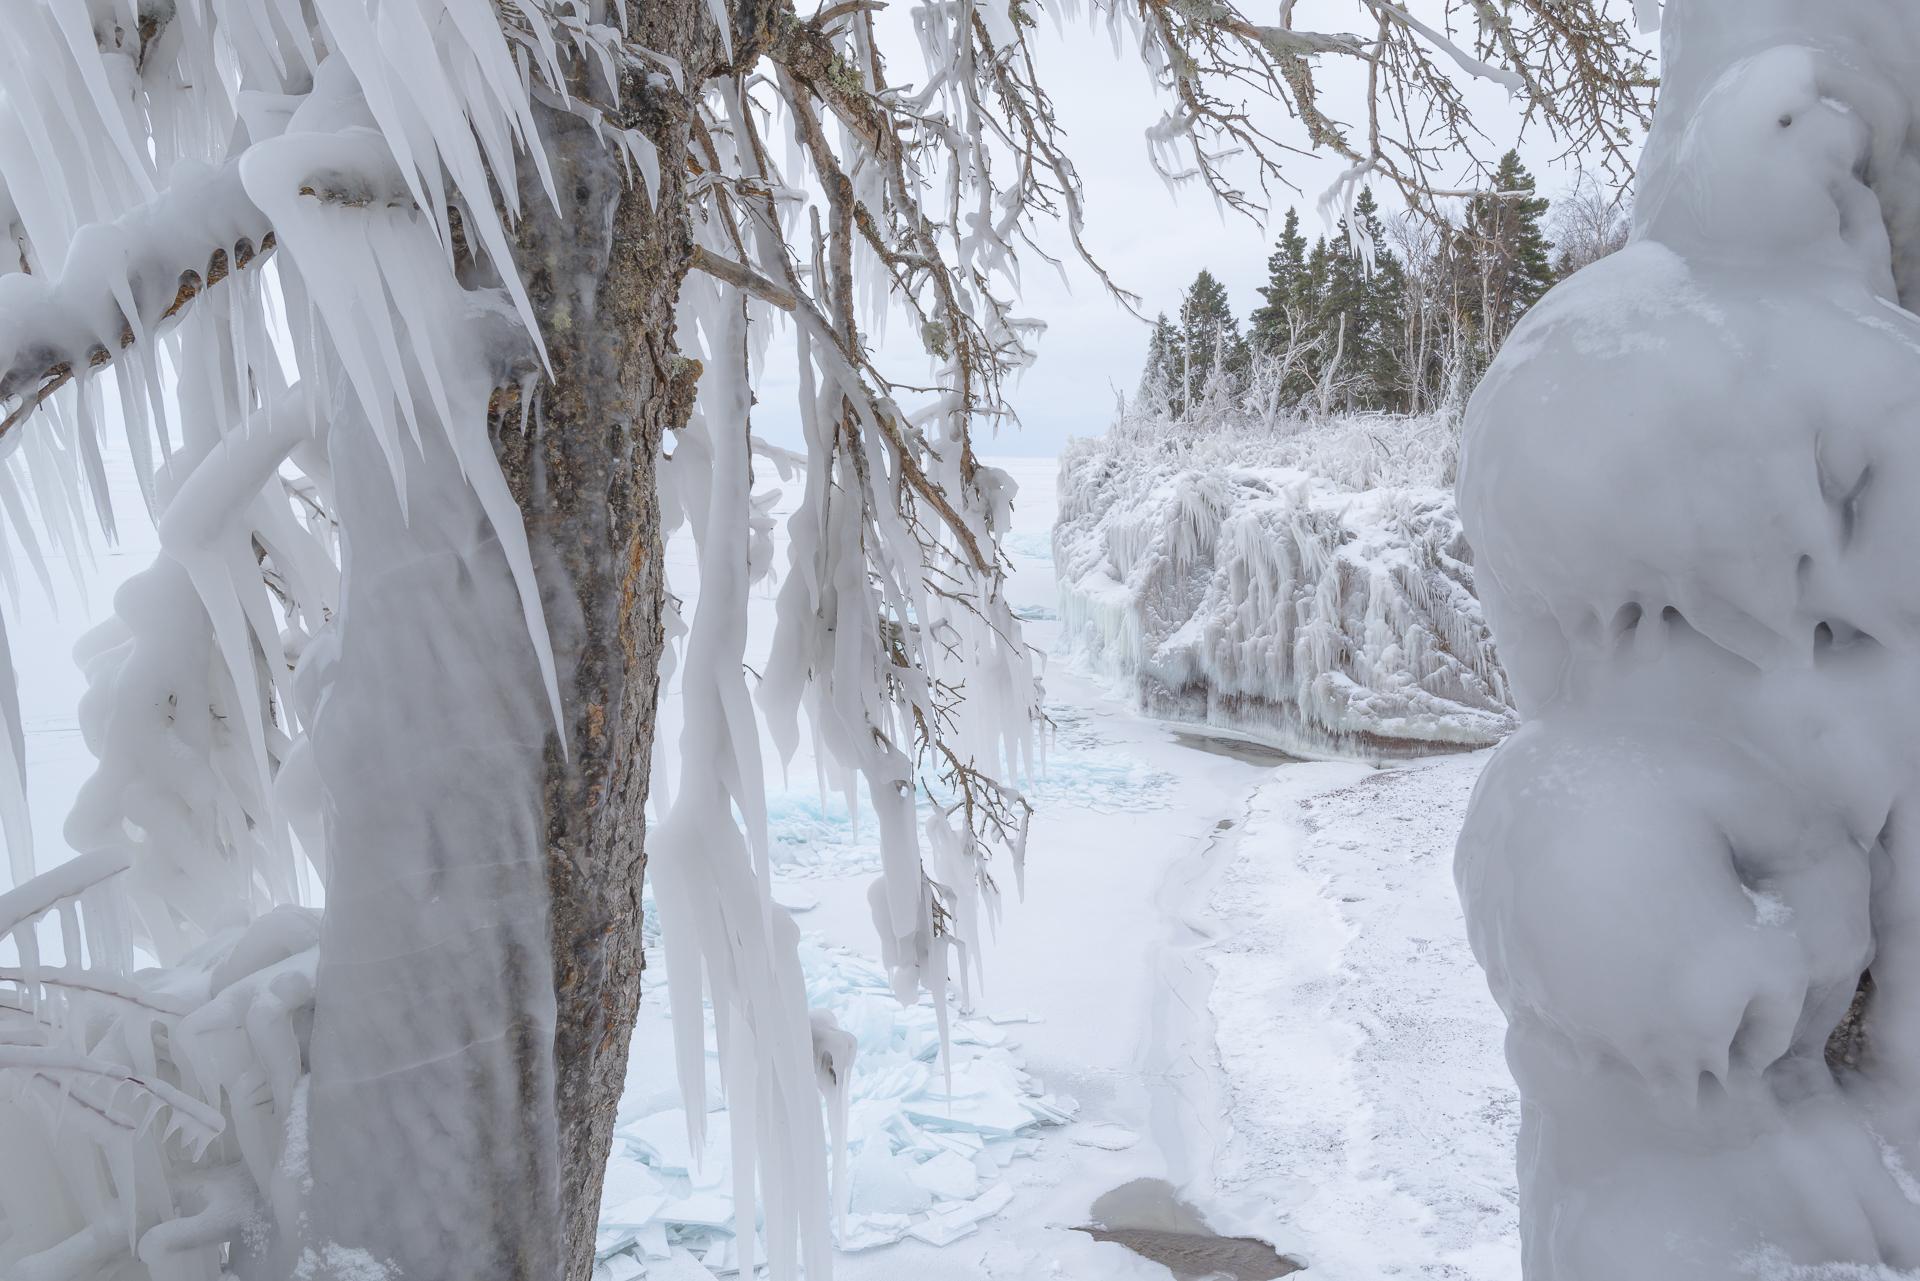 Winter wonderland: Tettegouche State Park